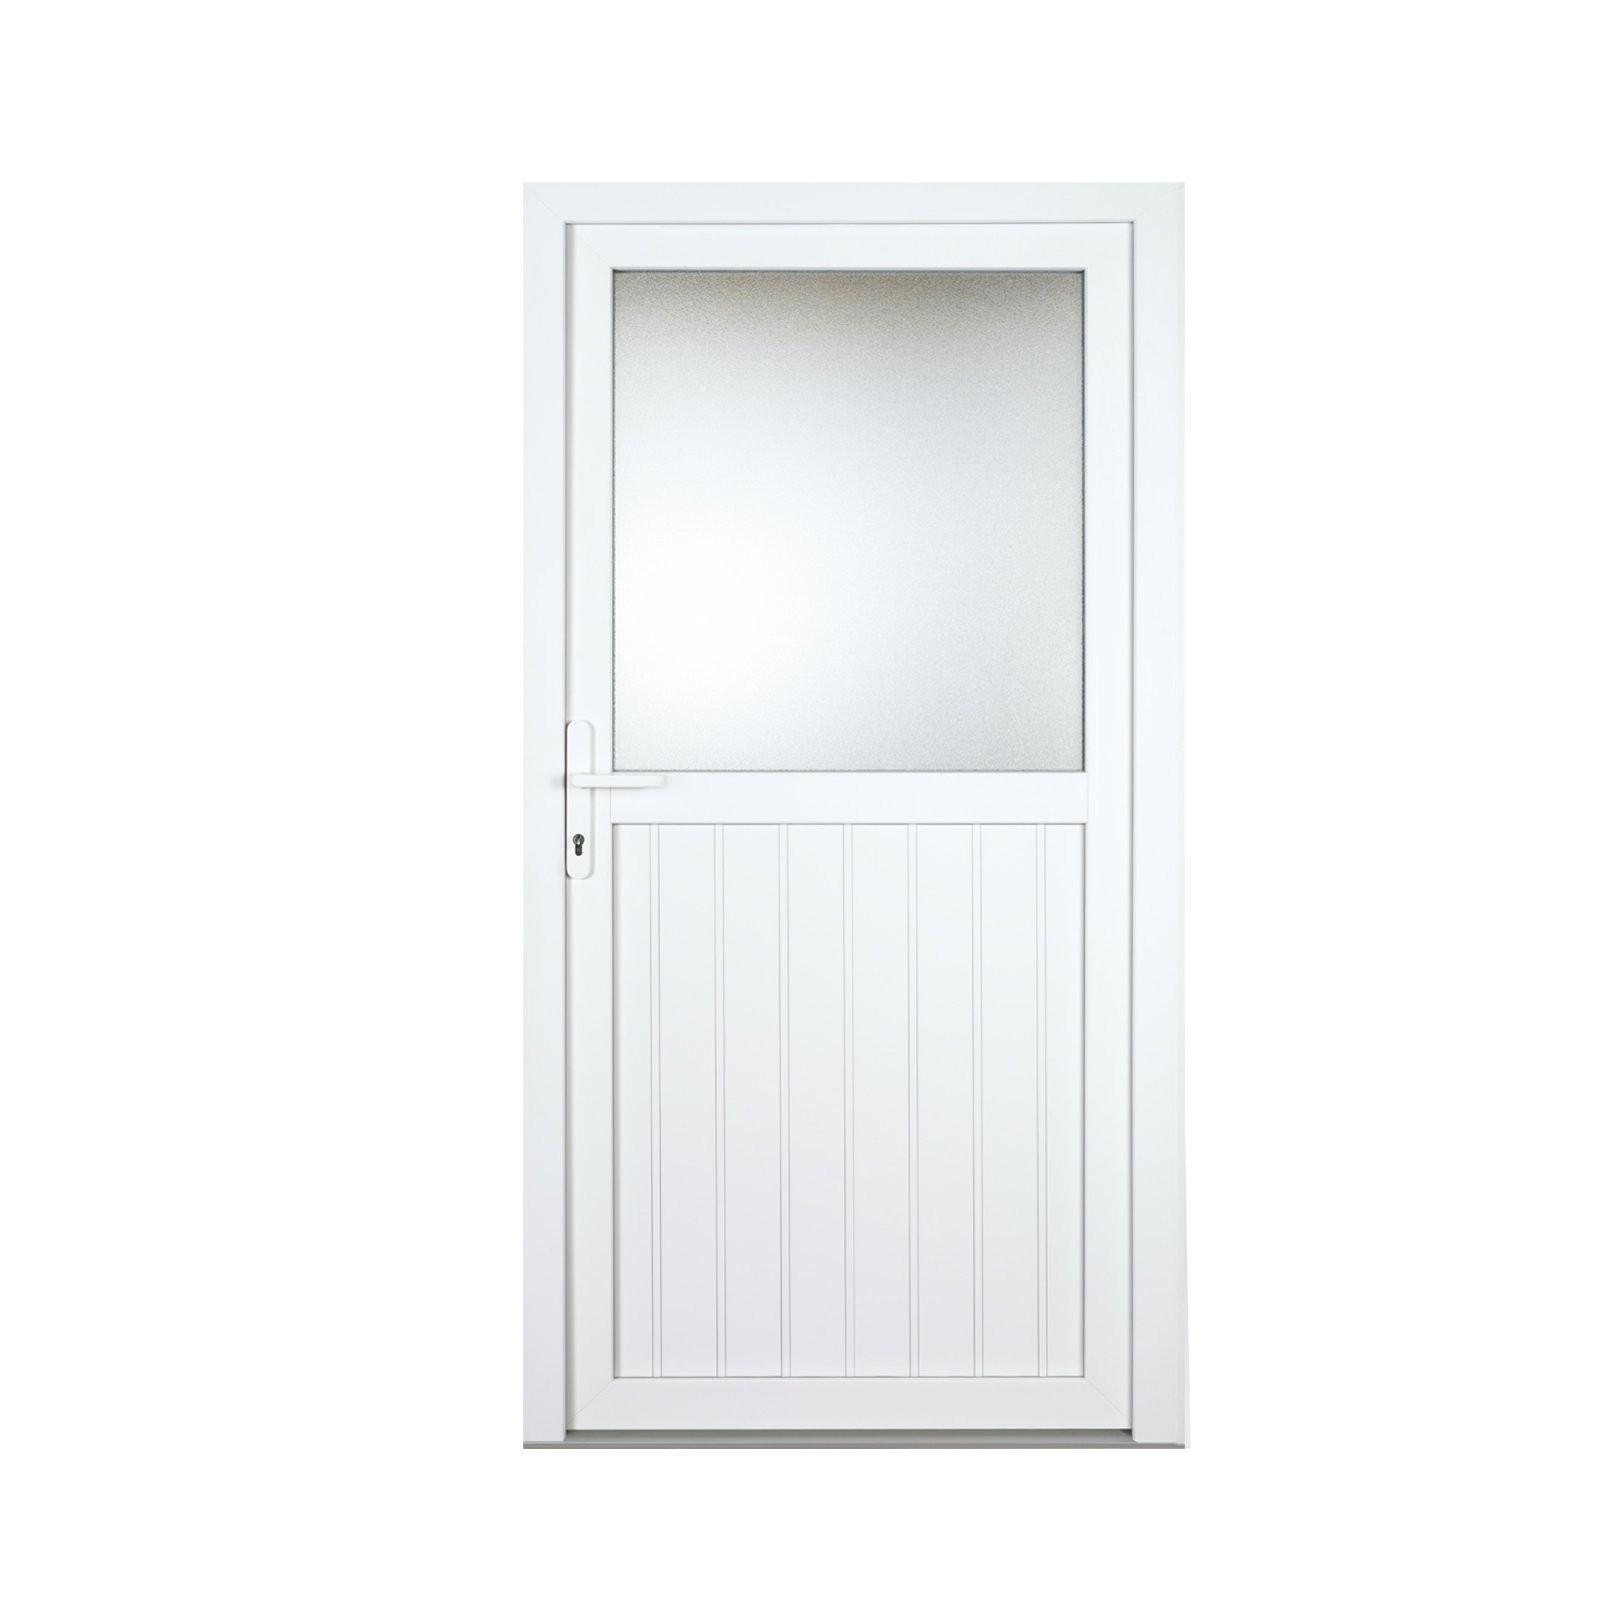 M00376  Kp Holz Shop  Haustüren Zimmertüren Und Böden Günstig von Km Meeth Zaun Gmbh Haustüren Bild